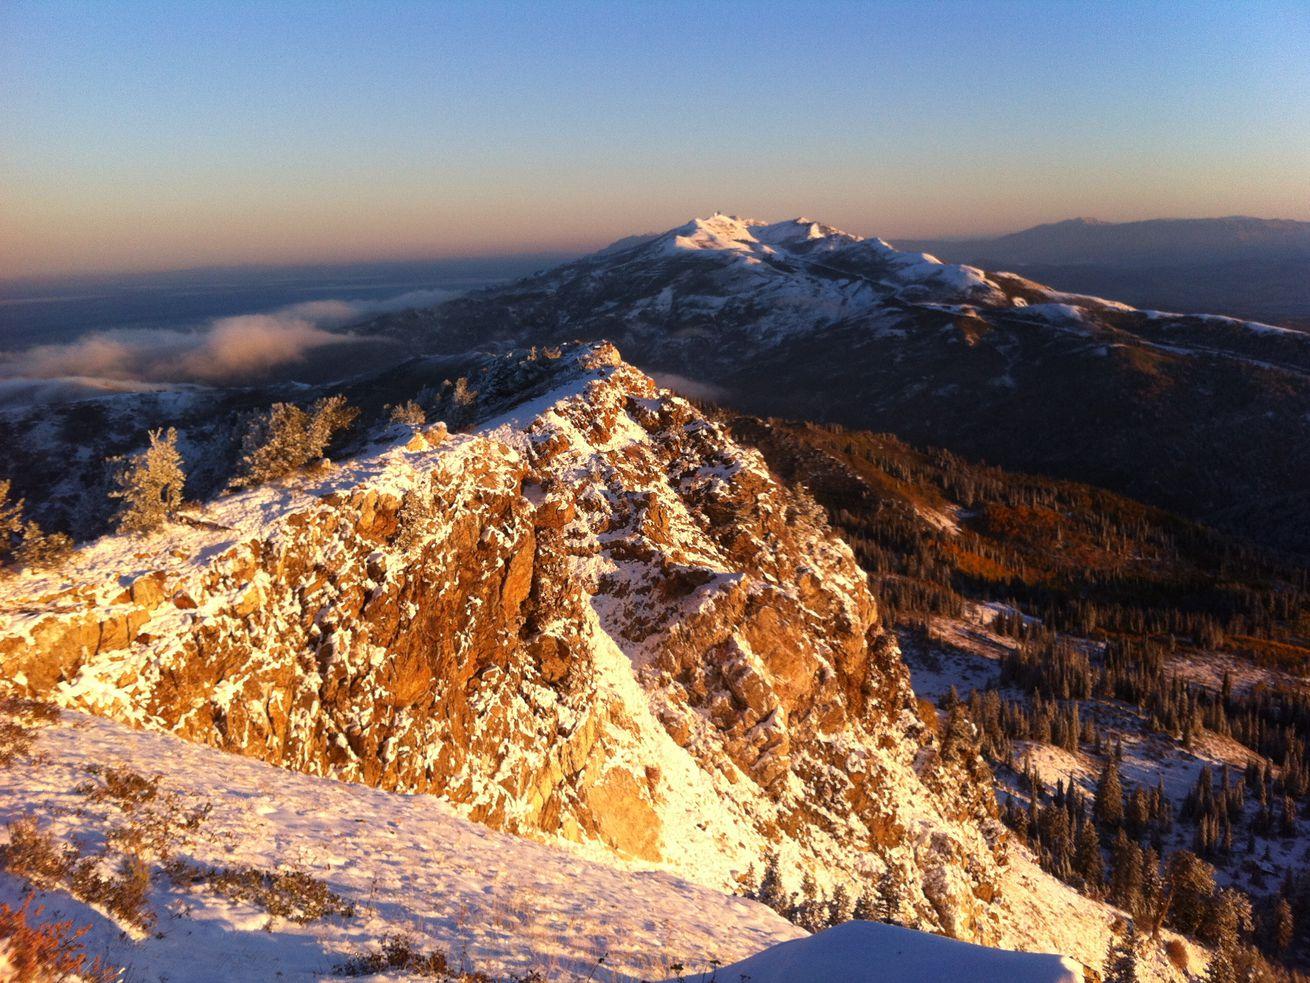 At the top of Bountiful Peak.